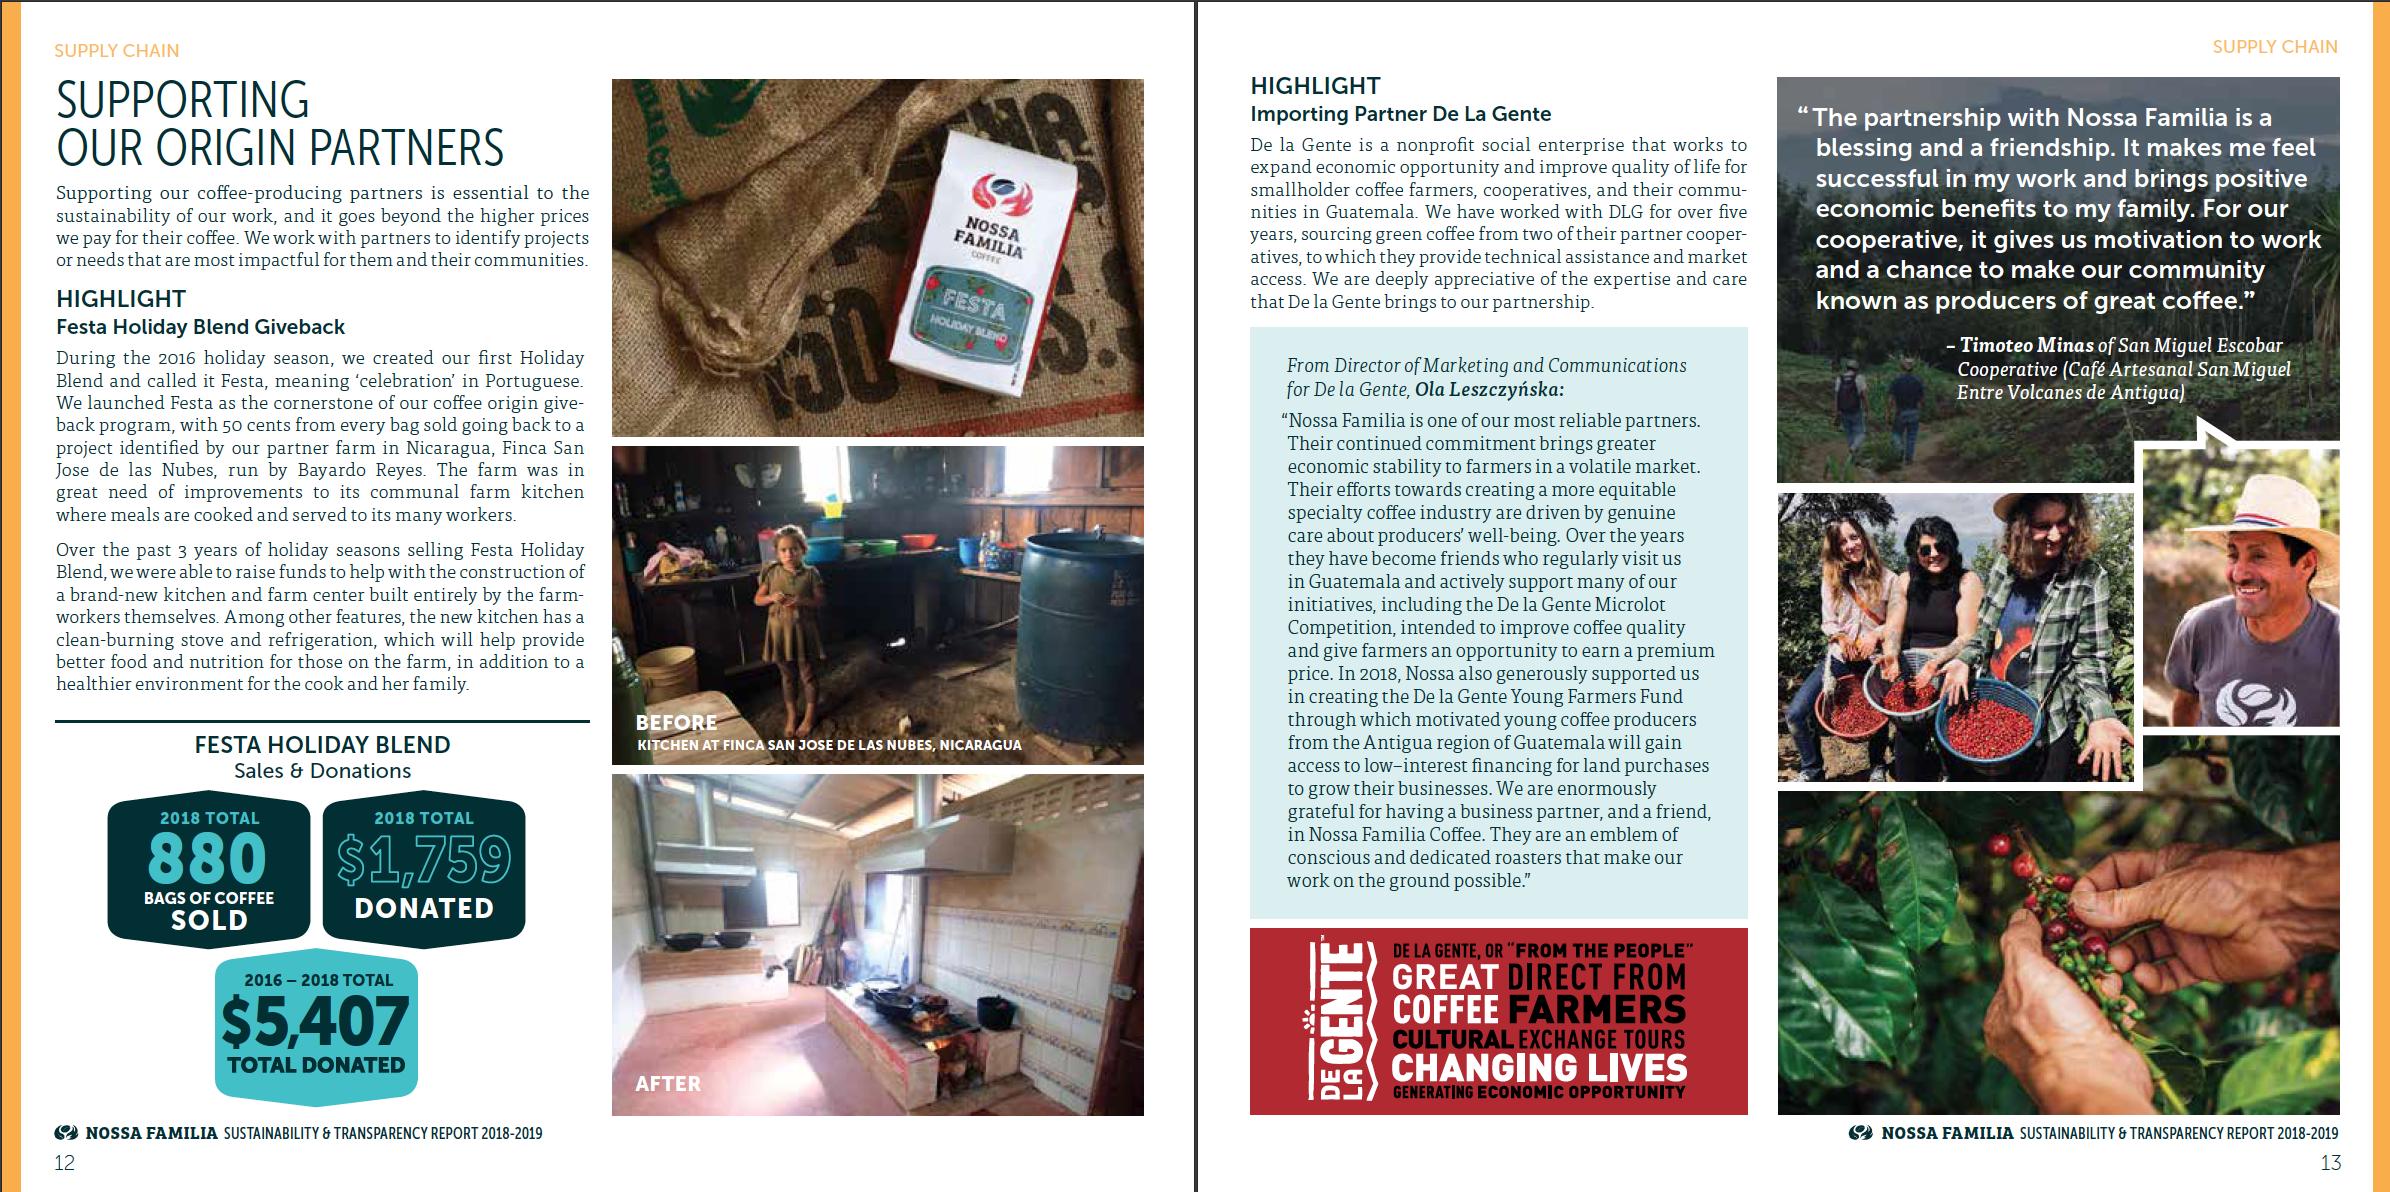 nossa-familia-sustainability-report-p7.png